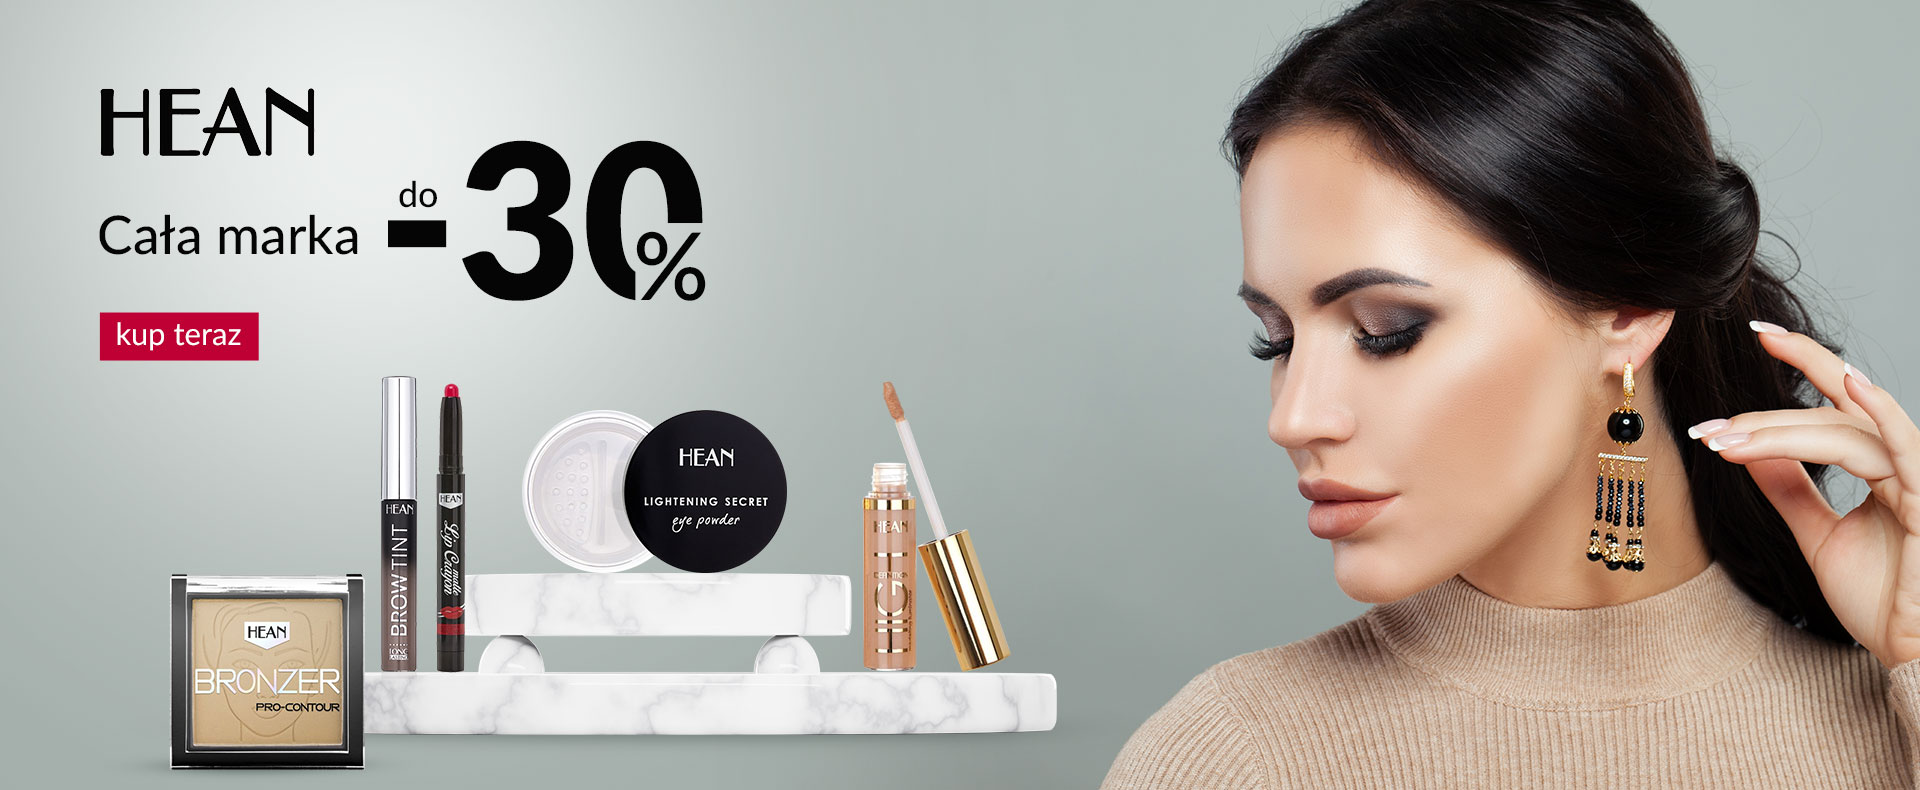 Ezebra Ezebra: do 30% rabatu na kosmetyki marki Hean